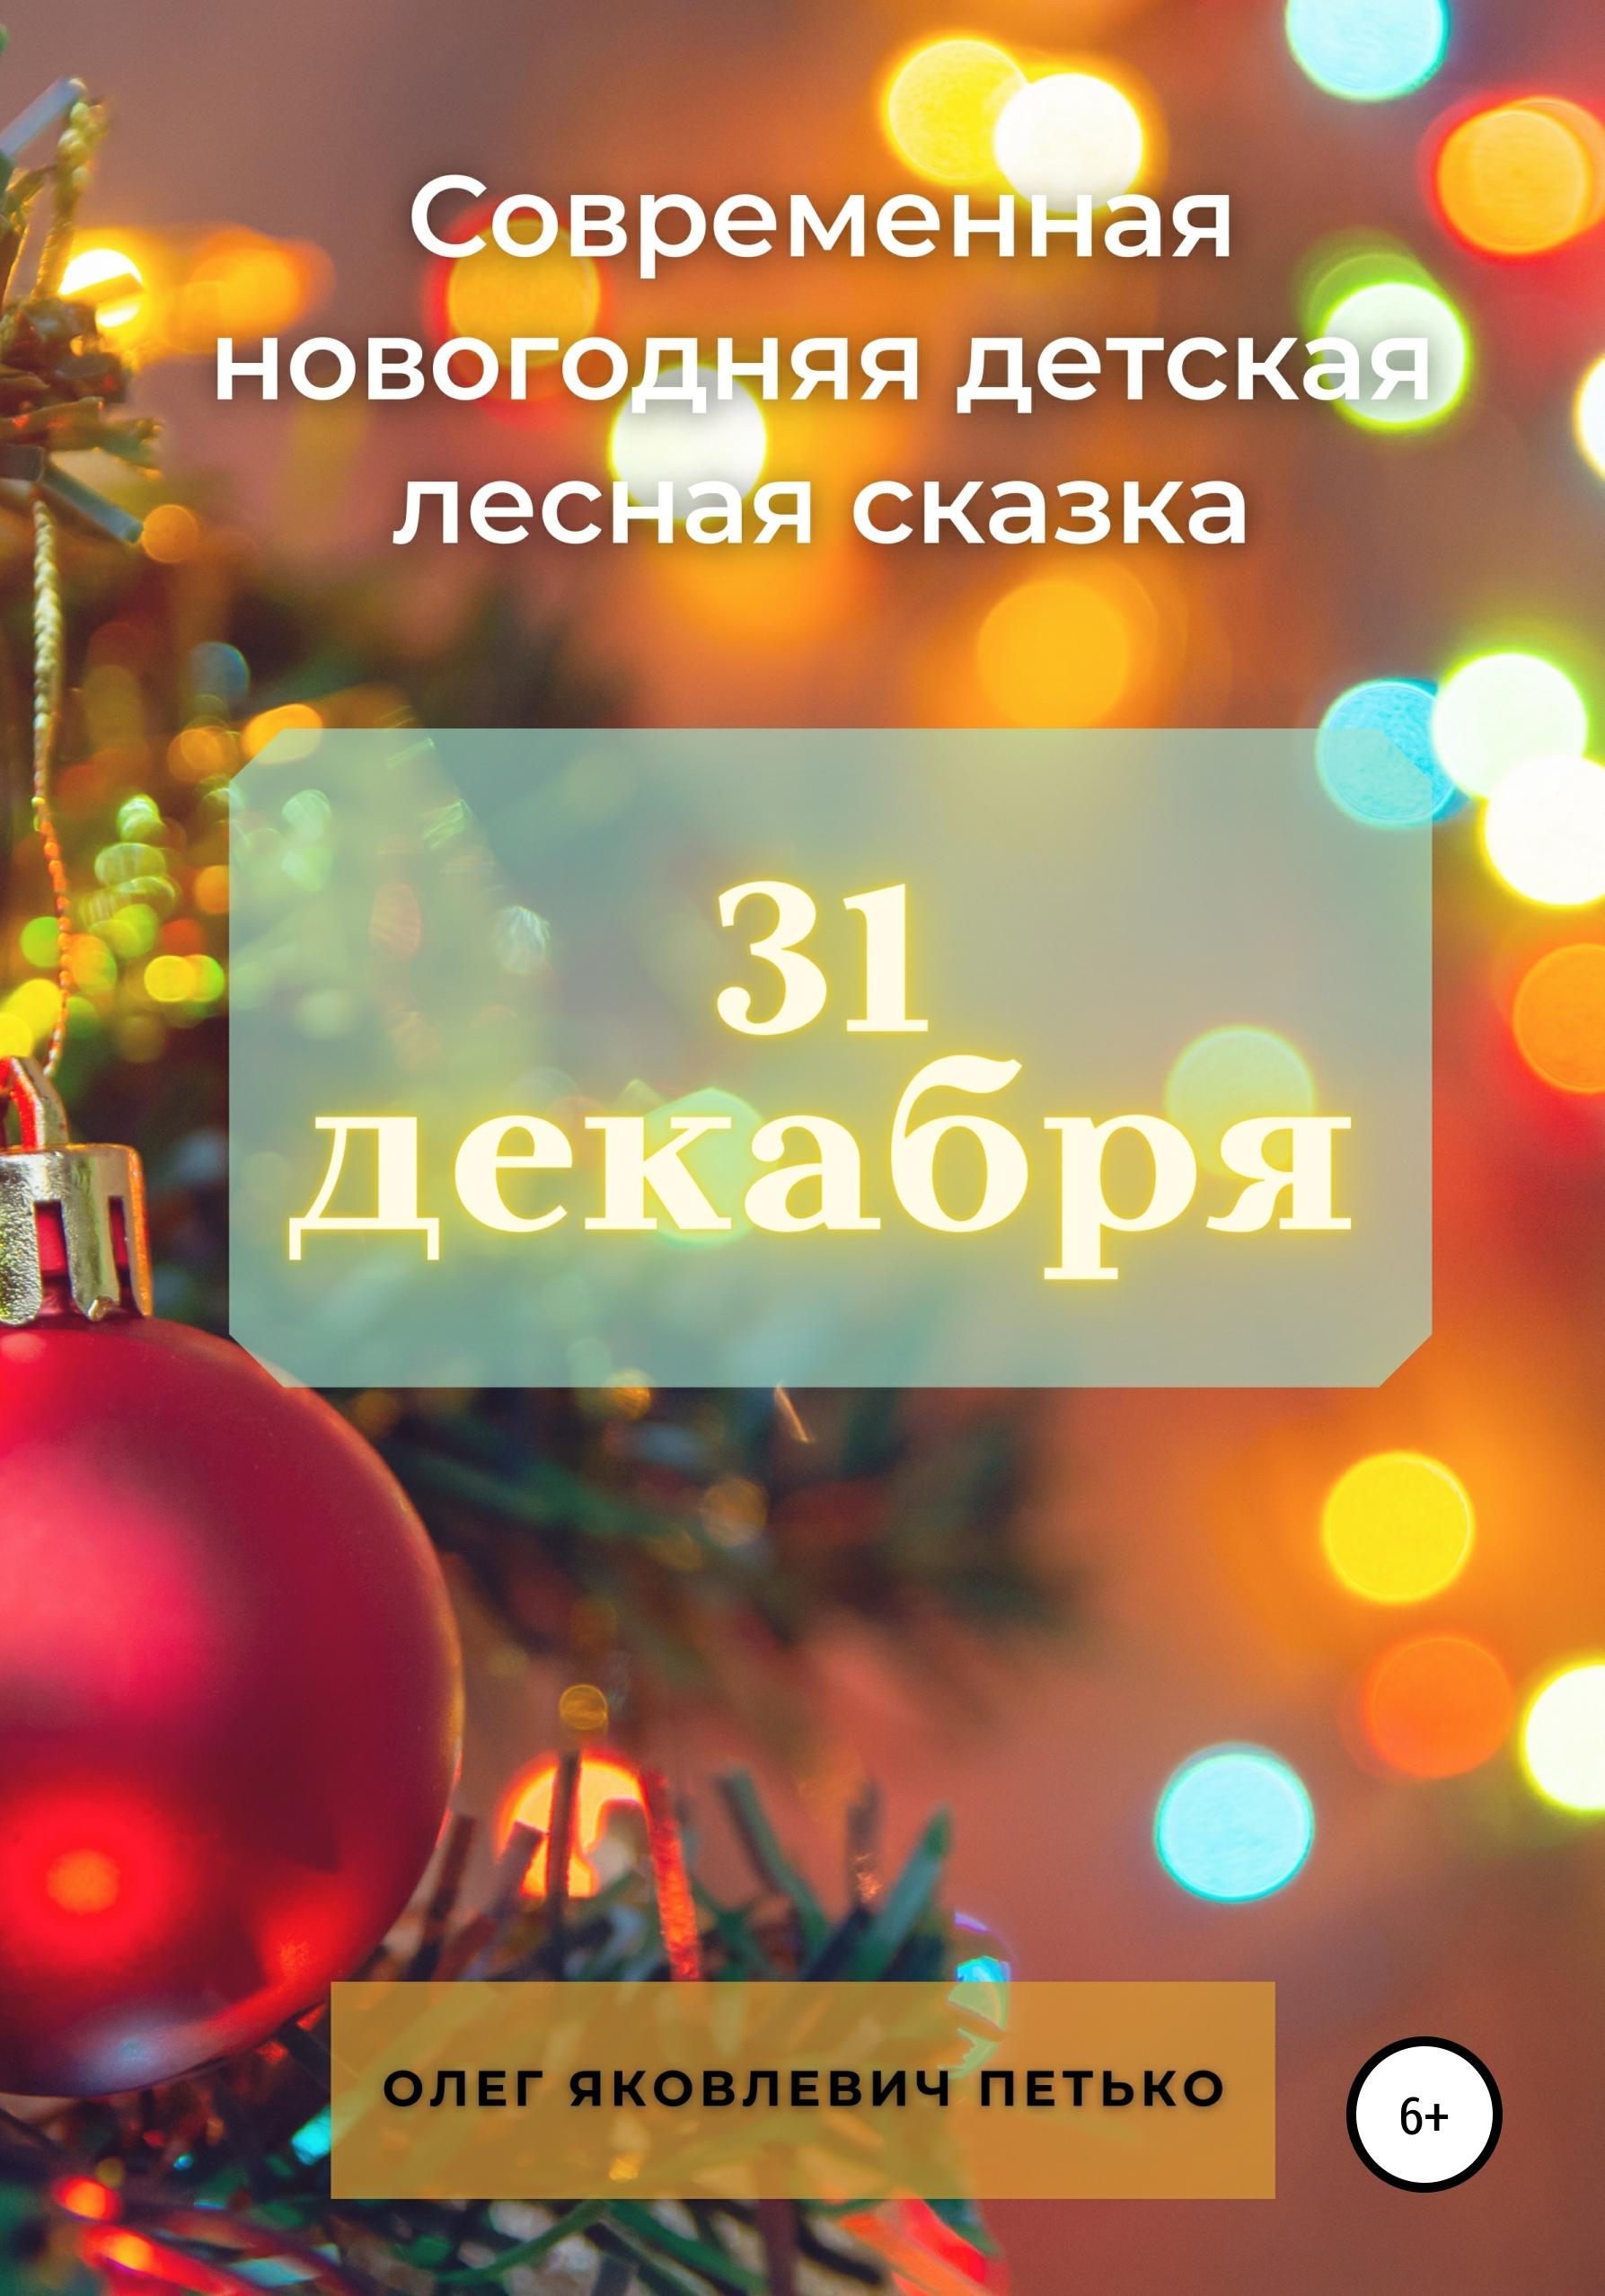 Купить книгу 31 декабря. Современная новогодняя детская лесная сказка, автора Олега Яковлевича Петько